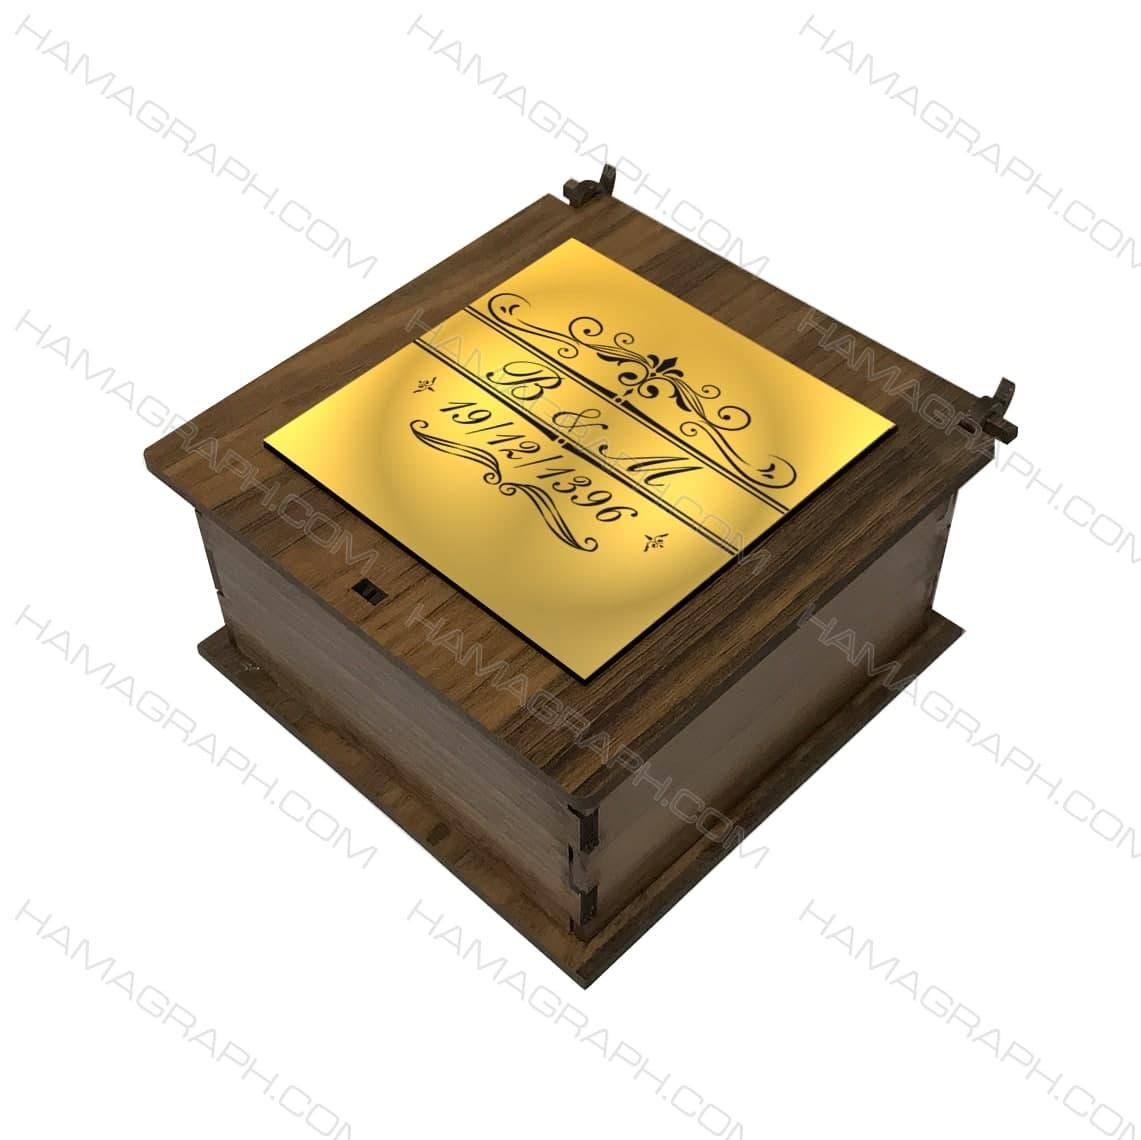 جعبه هدیه با نوشته و تاریخ دلخواه طرح آویزی